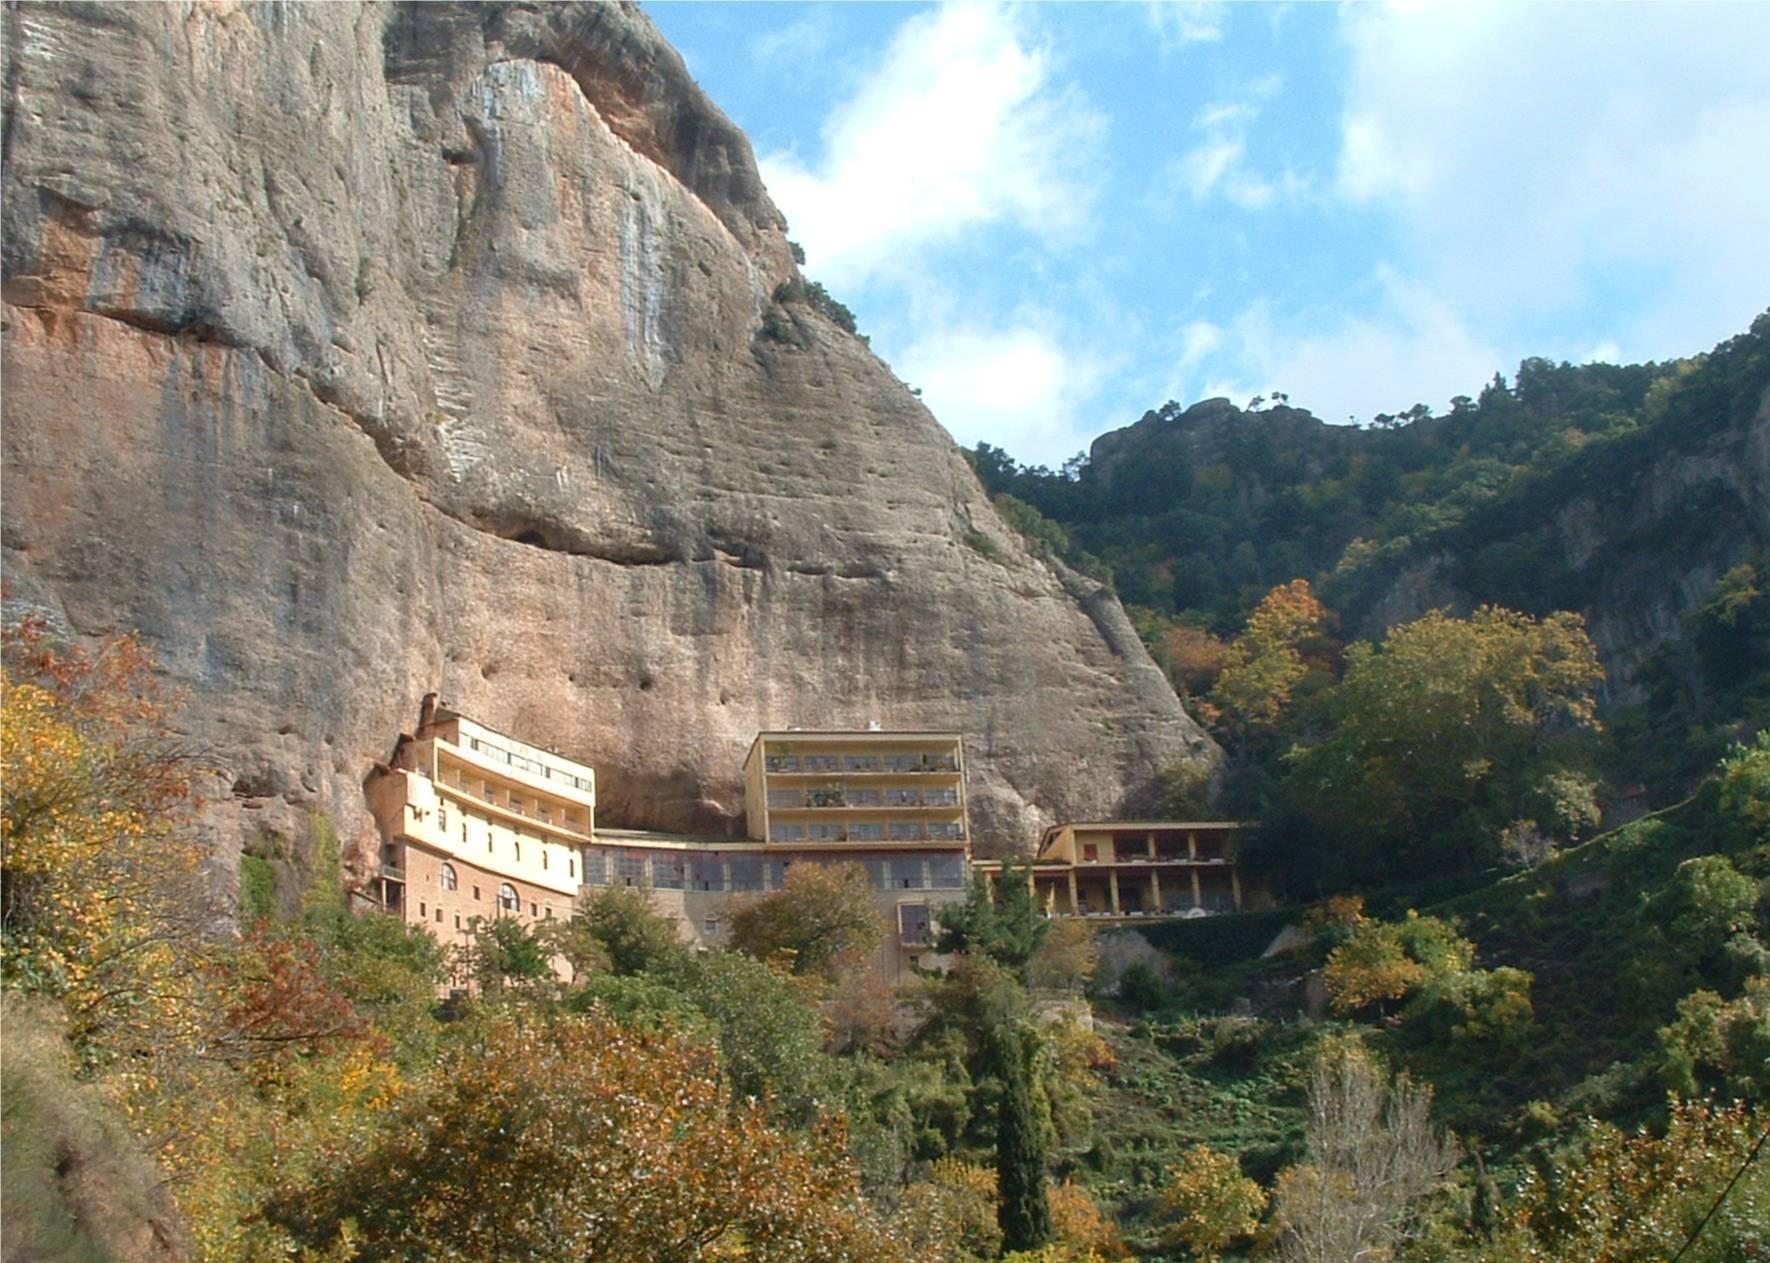 Αποτέλεσμα εικόνας για μεγα σπηλαιο